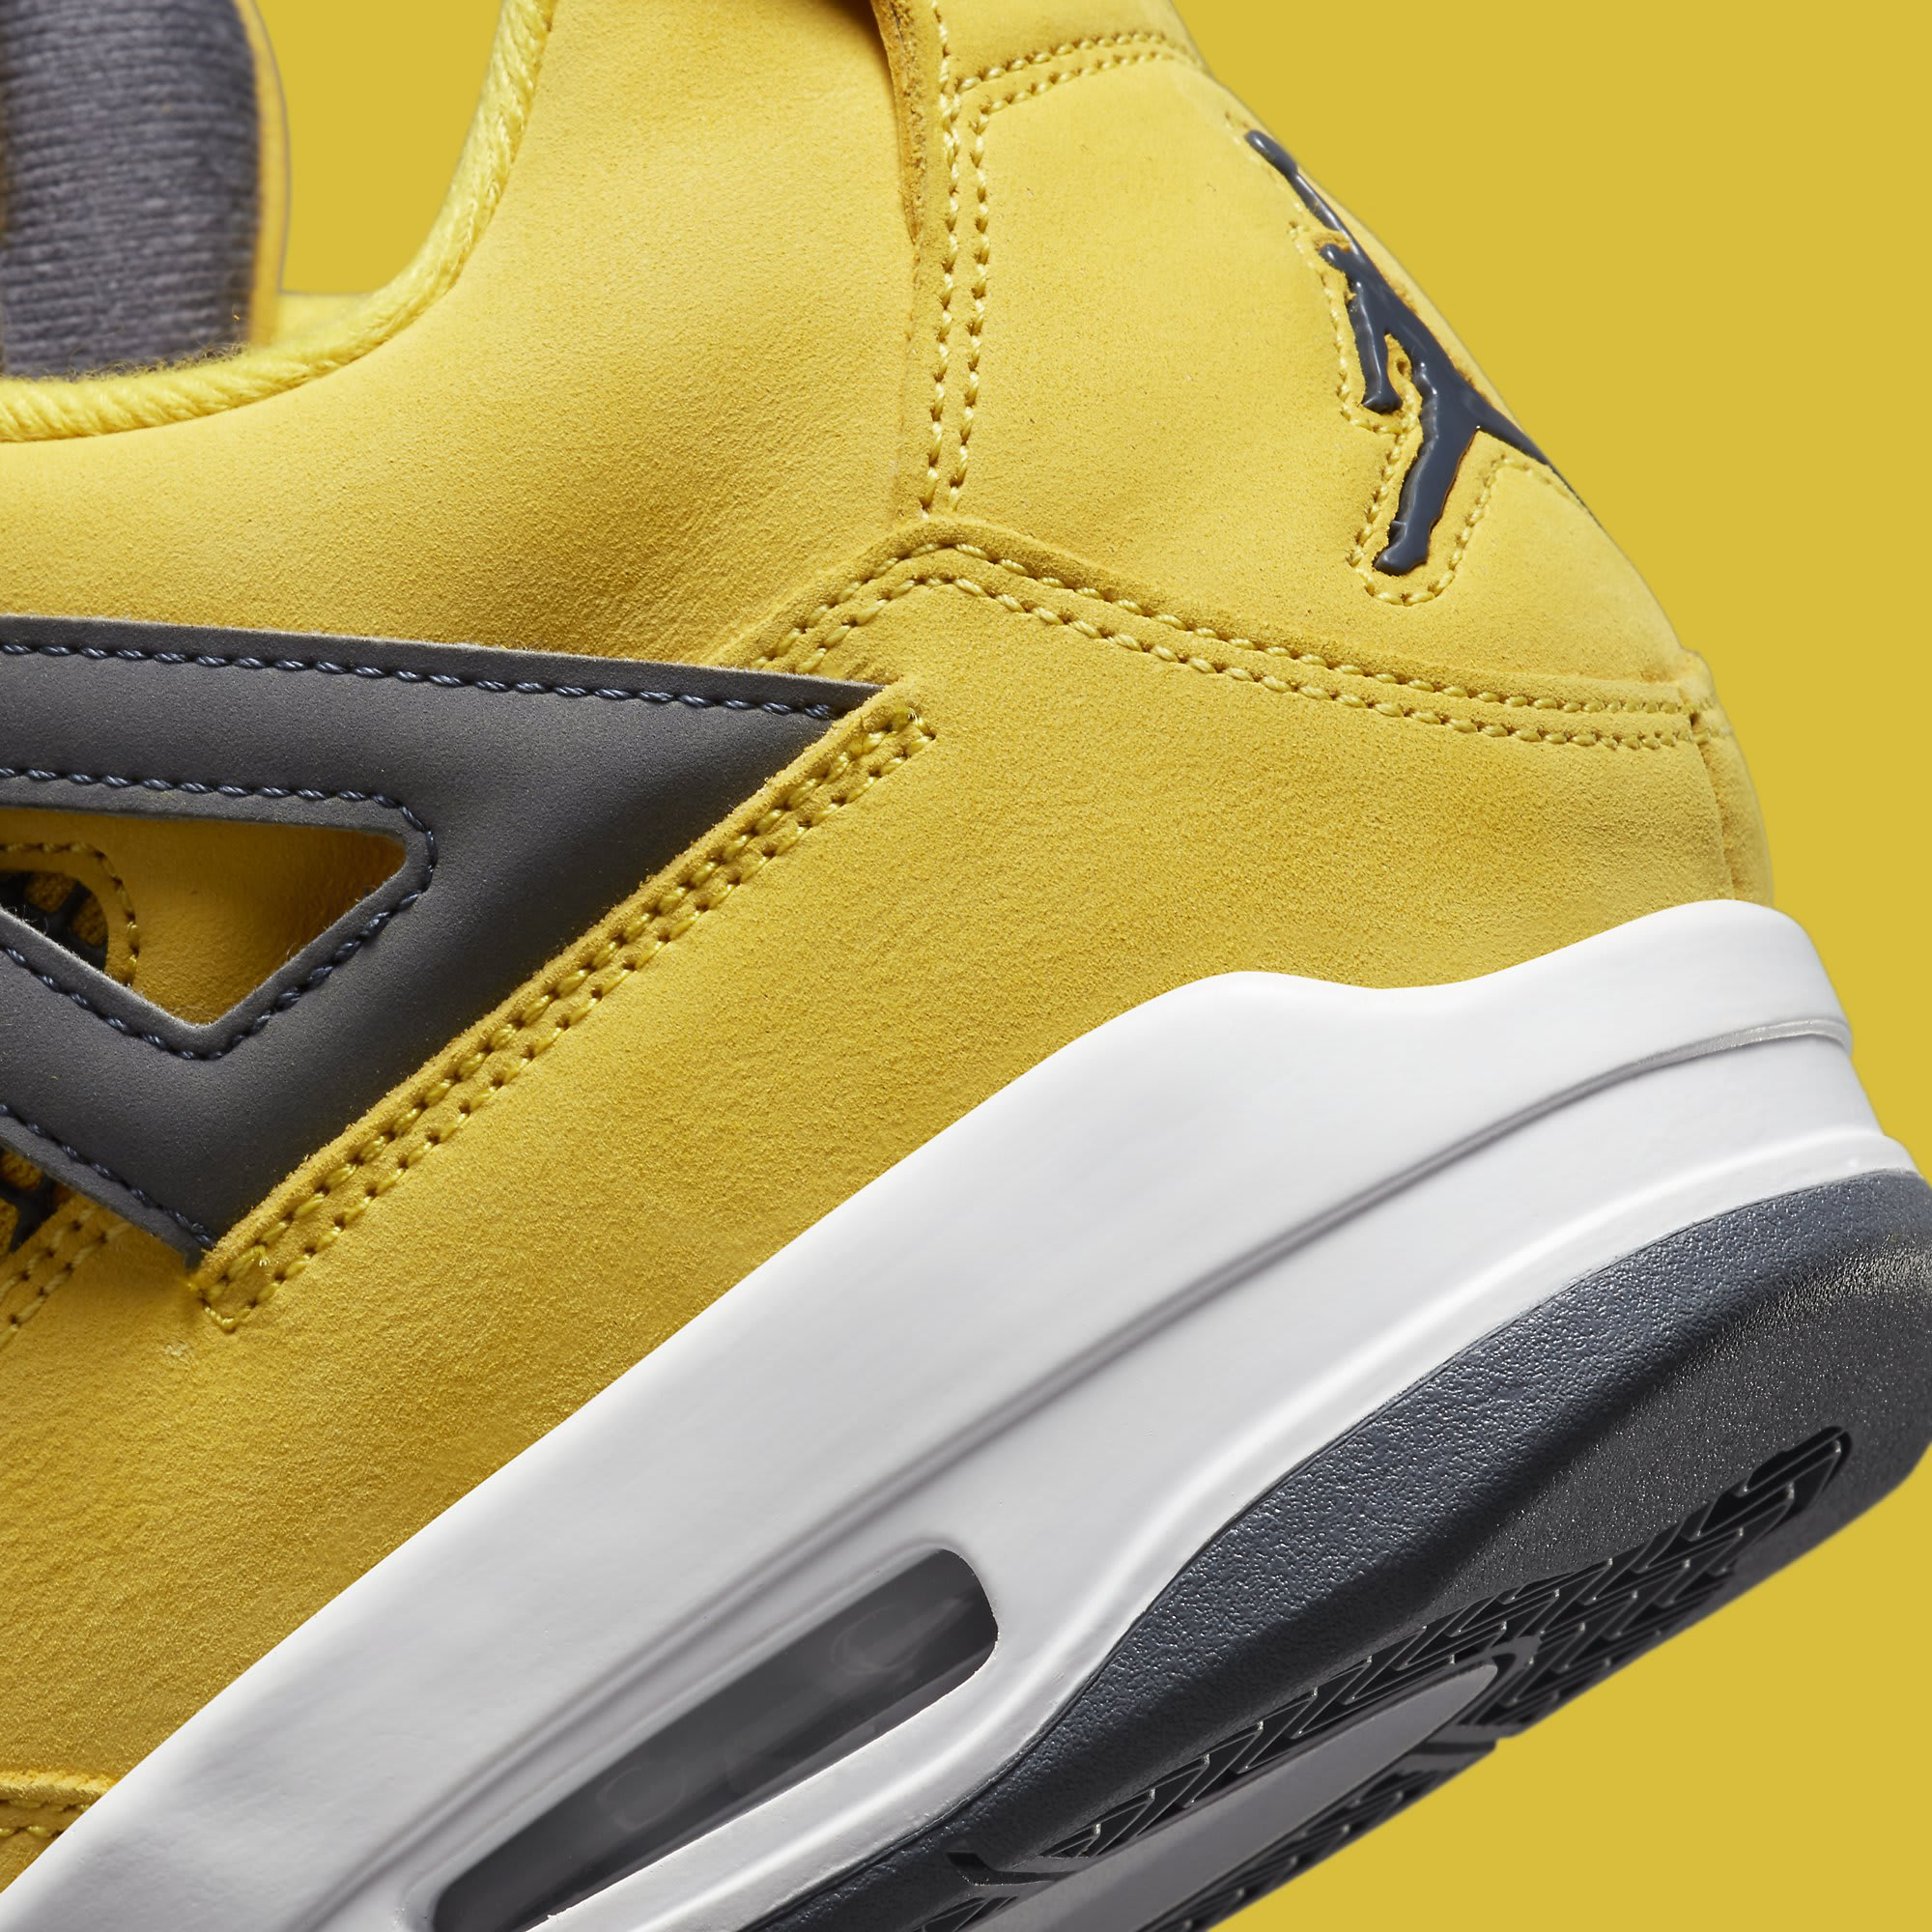 Air Jordan 4 Retro 'Lightning' CT8527-700 Heel